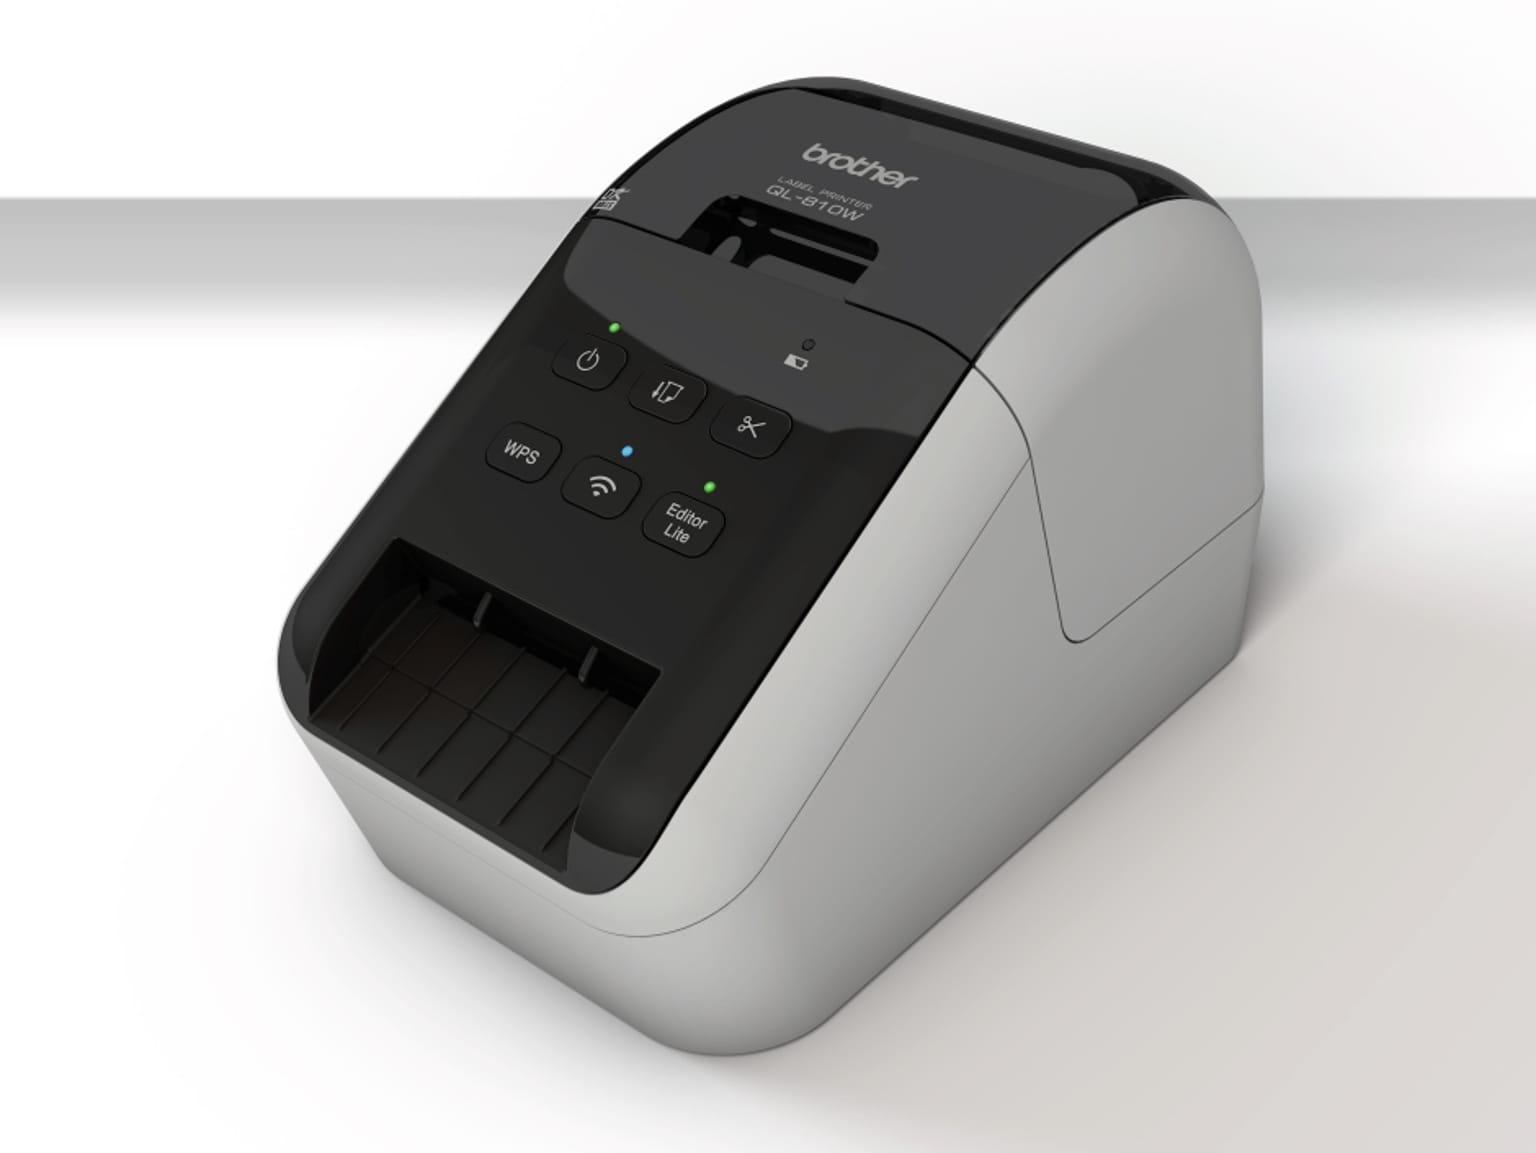 Impresora de etiquetas QL-720NW